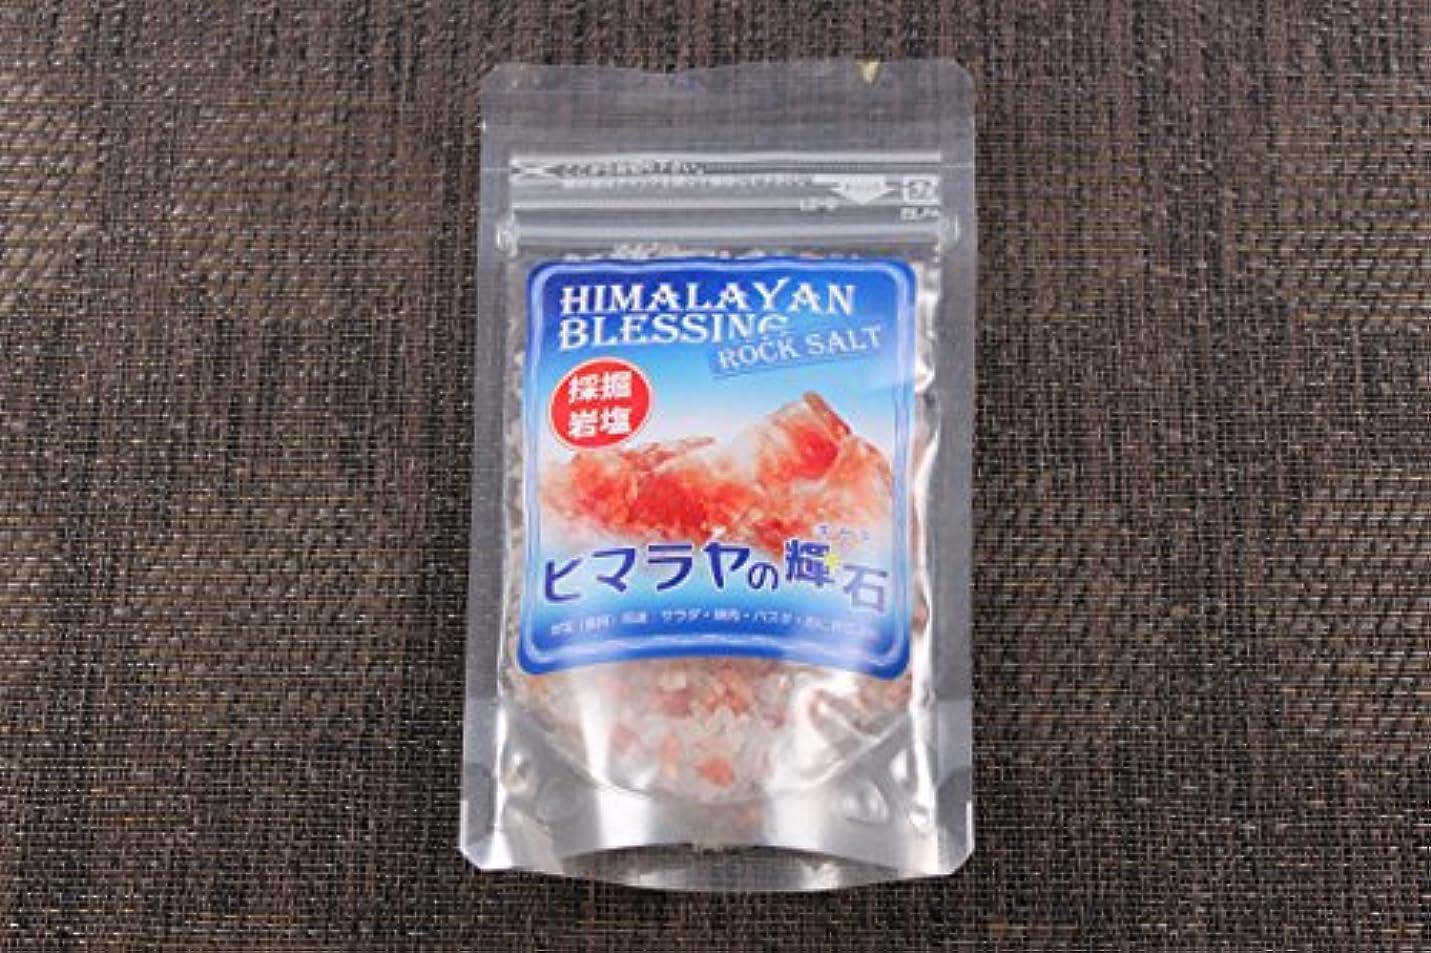 タイプ最大限全滅させるヒマラヤ岩塩 ミル詰替え用 100g